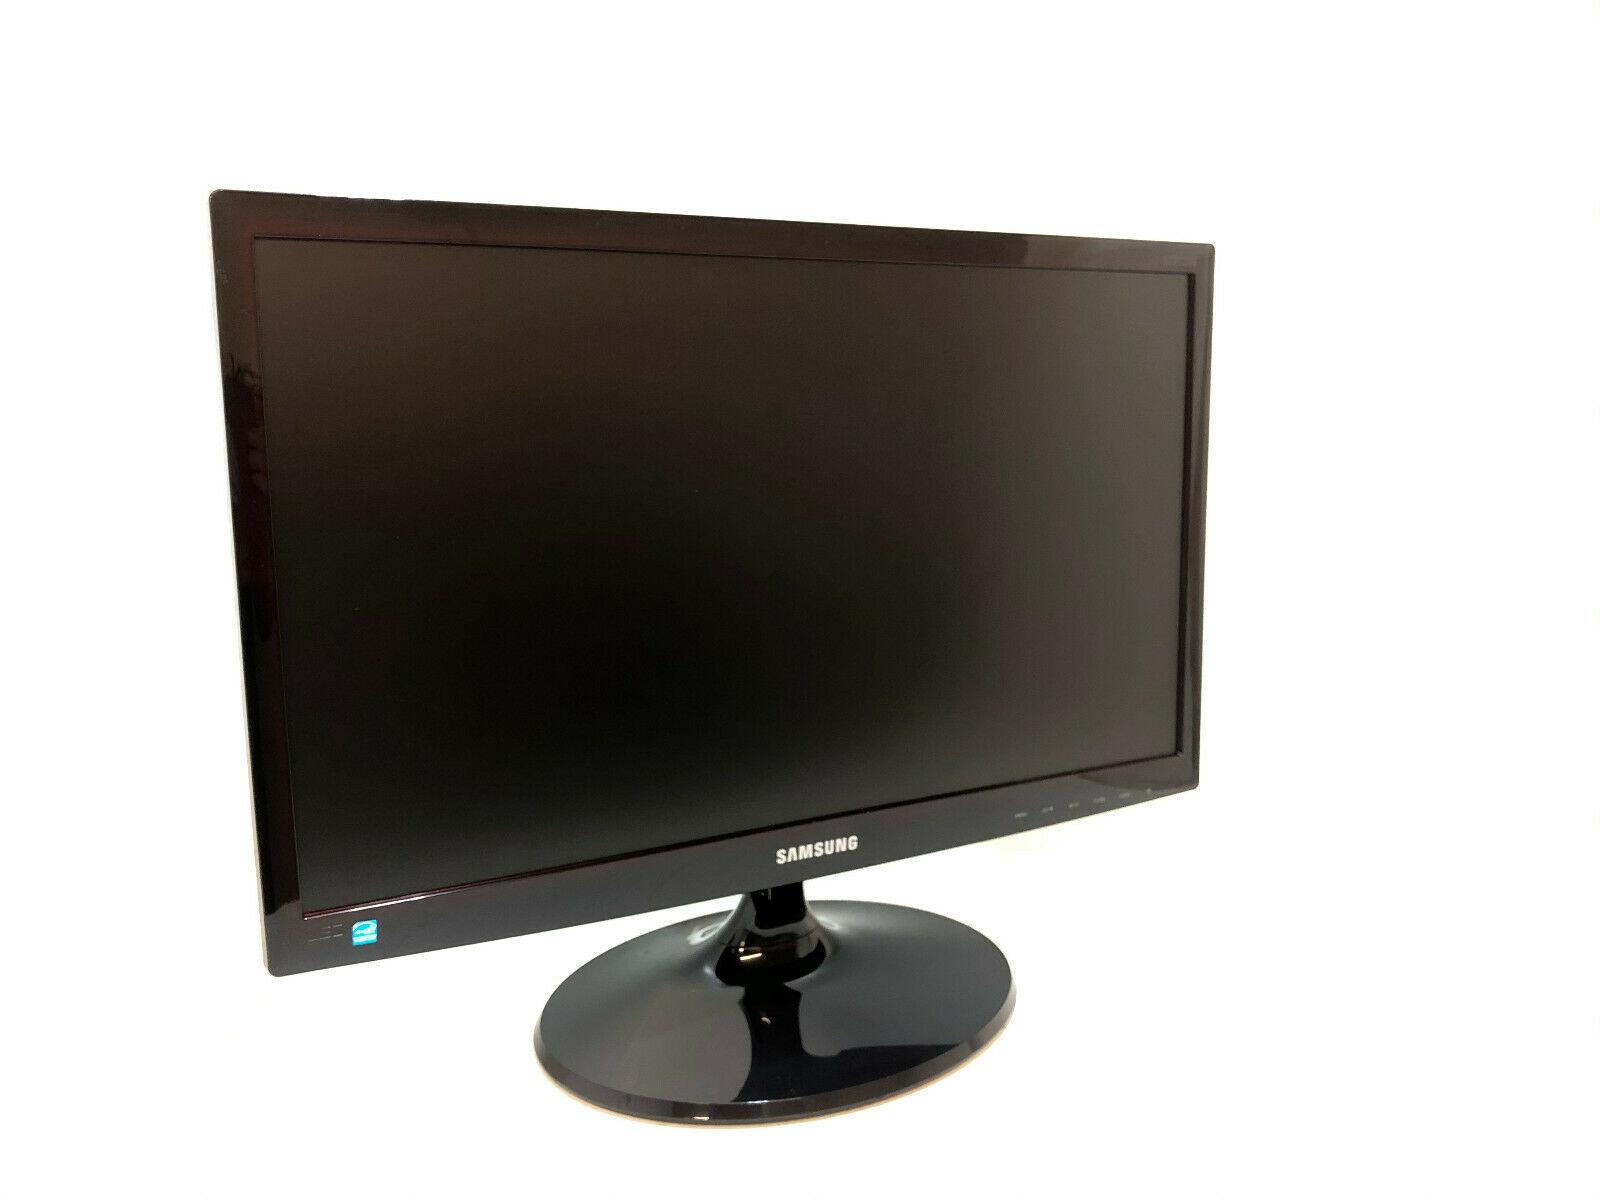 Samsung-LS22C300 - 149409